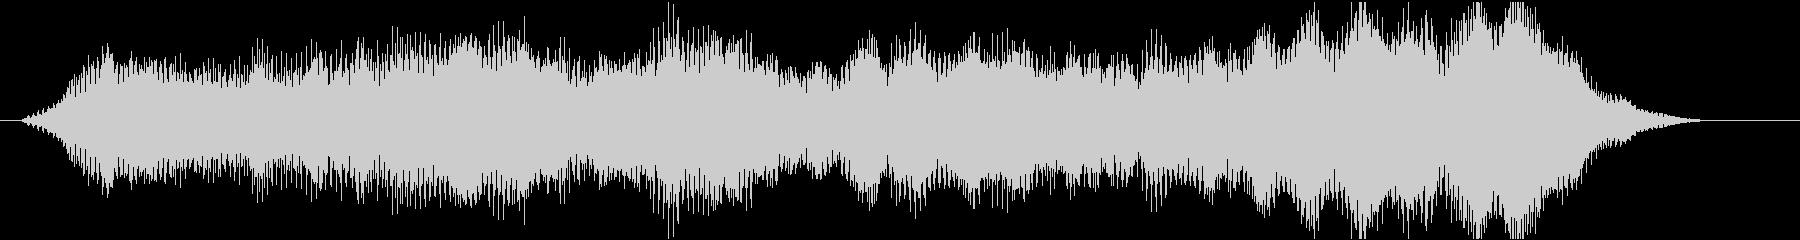 ボワァァン(登場音) 長めの未再生の波形